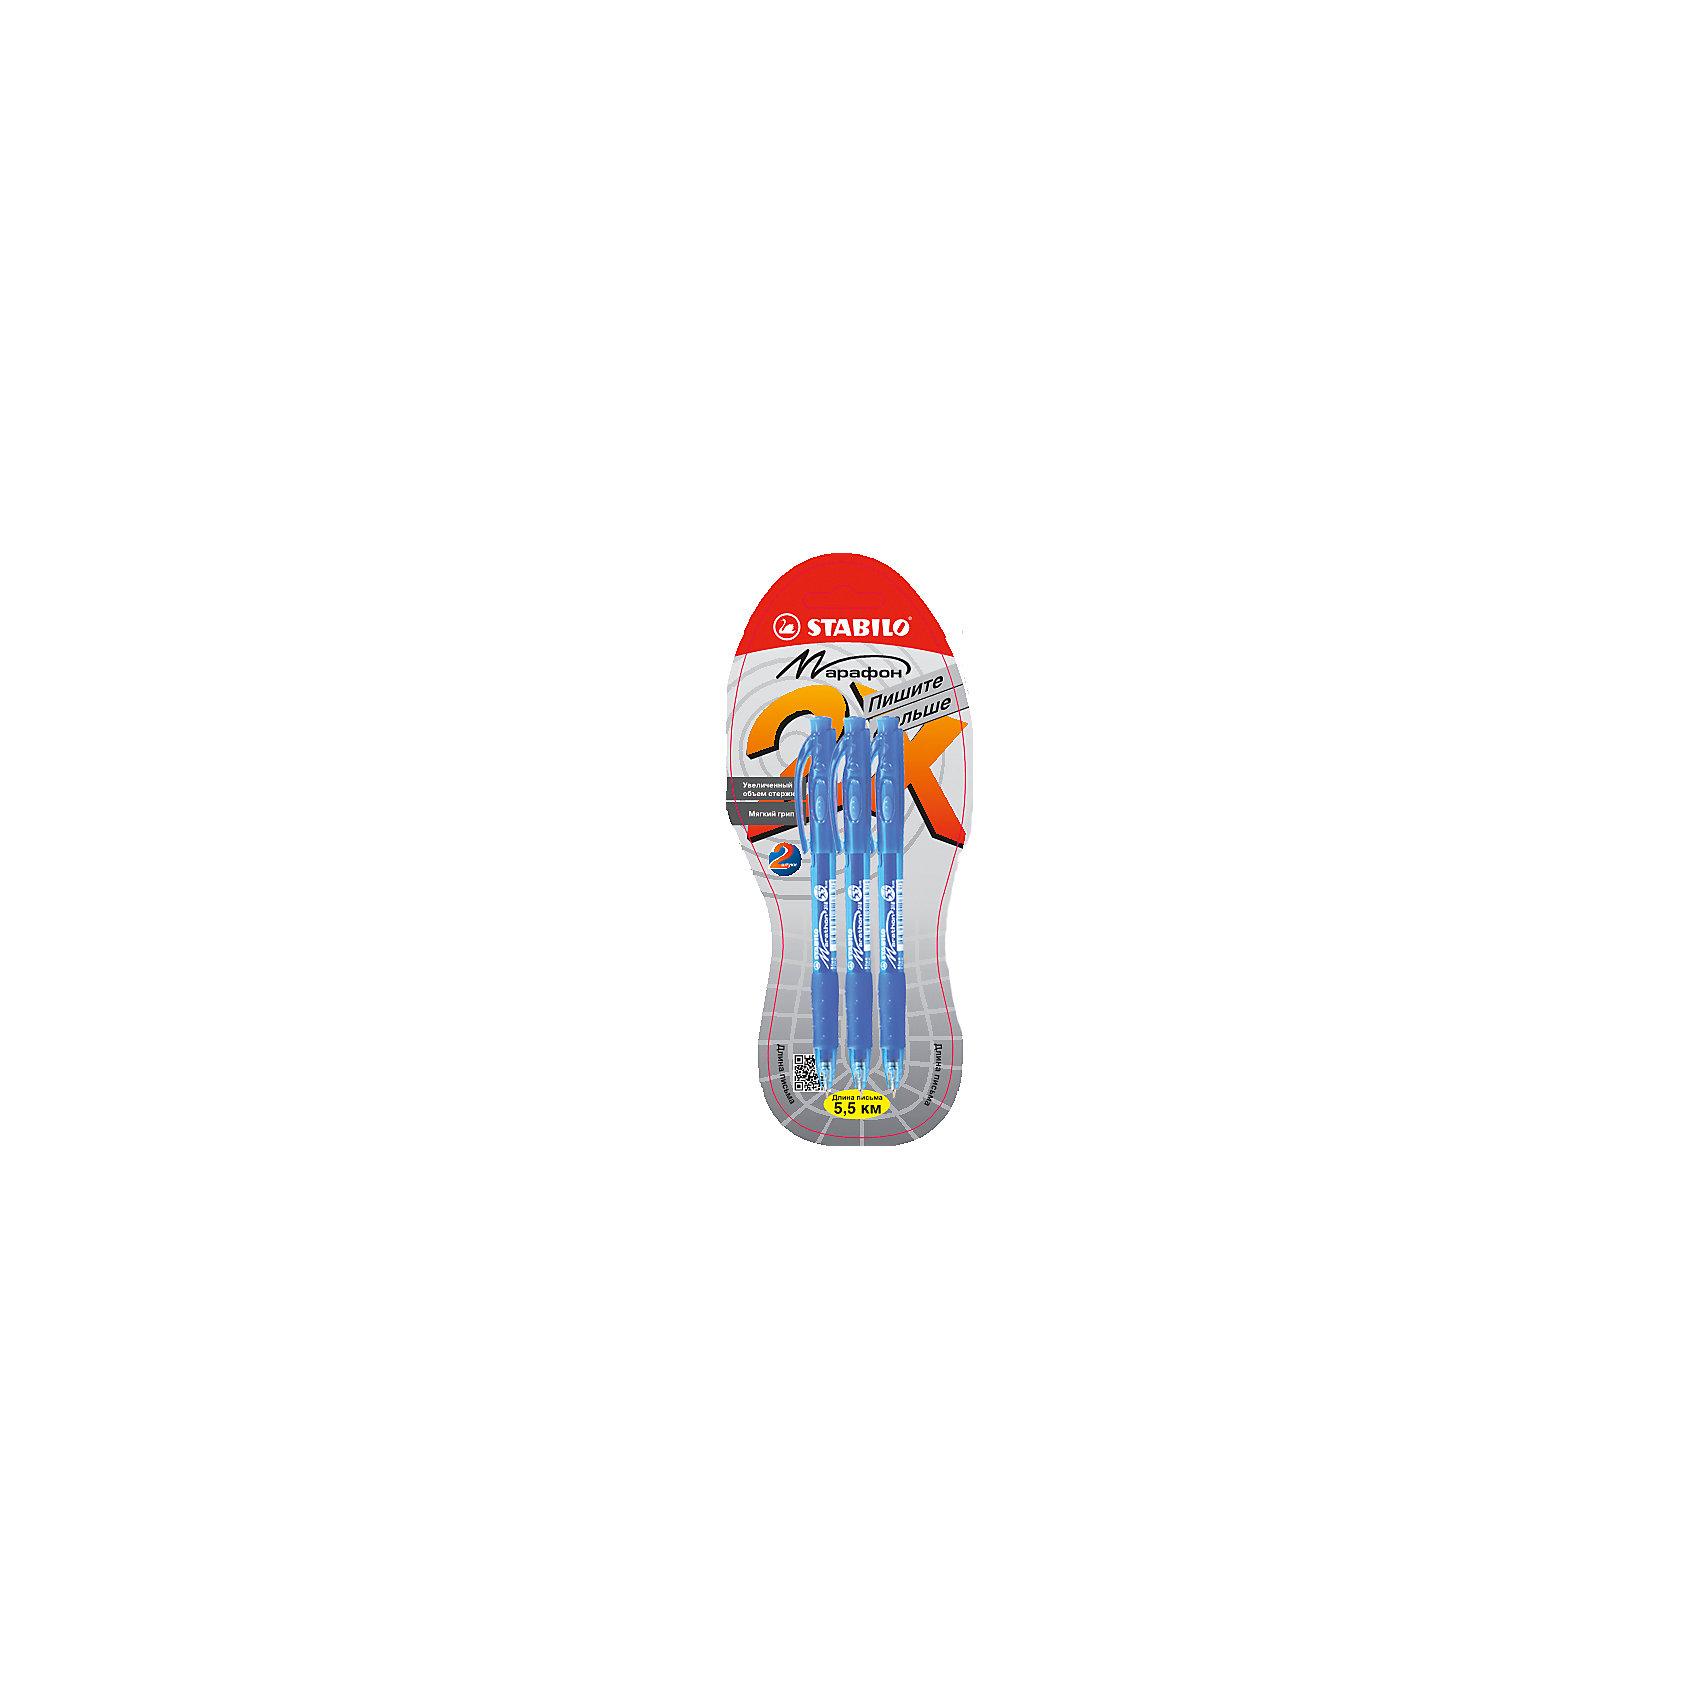 STABILO LeftRight Ручка шариковая marathon, синяя, 3шт.Письменные принадлежности<br>Шариковая ручка MARATHON, 3 шт., синяя от марки Stabilo<br><br>Удобные немецкие ручки от компании Stabilo в прозрачном корпусе. Пишущий инструмент отличного качества! Автоматическая шариковая ручка имеет заменяемый стержень и надежный клип.<br>Отлично ложится в руке, пишет мягко. Дает аккуратную линию. Чернил хватает на долгое время! Чернила быстро сохнут. В наборе - три одинаковые ручки. Данная ручка имеет увеличенный запас чернил.<br><br>Особенности данной модели:<br><br>длина оставляемого следа: 5,5 км;<br>цвет чернил: синий.<br><br>Шариковая ручка MARATHON, 3 шт., синяя от марки Stabilo можно купить в нашем магазине.<br><br>Ширина мм: 295<br>Глубина мм: 245<br>Высота мм: 160<br>Вес г: 30<br>Возраст от месяцев: 72<br>Возраст до месяцев: 216<br>Пол: Унисекс<br>Возраст: Детский<br>SKU: 3157366